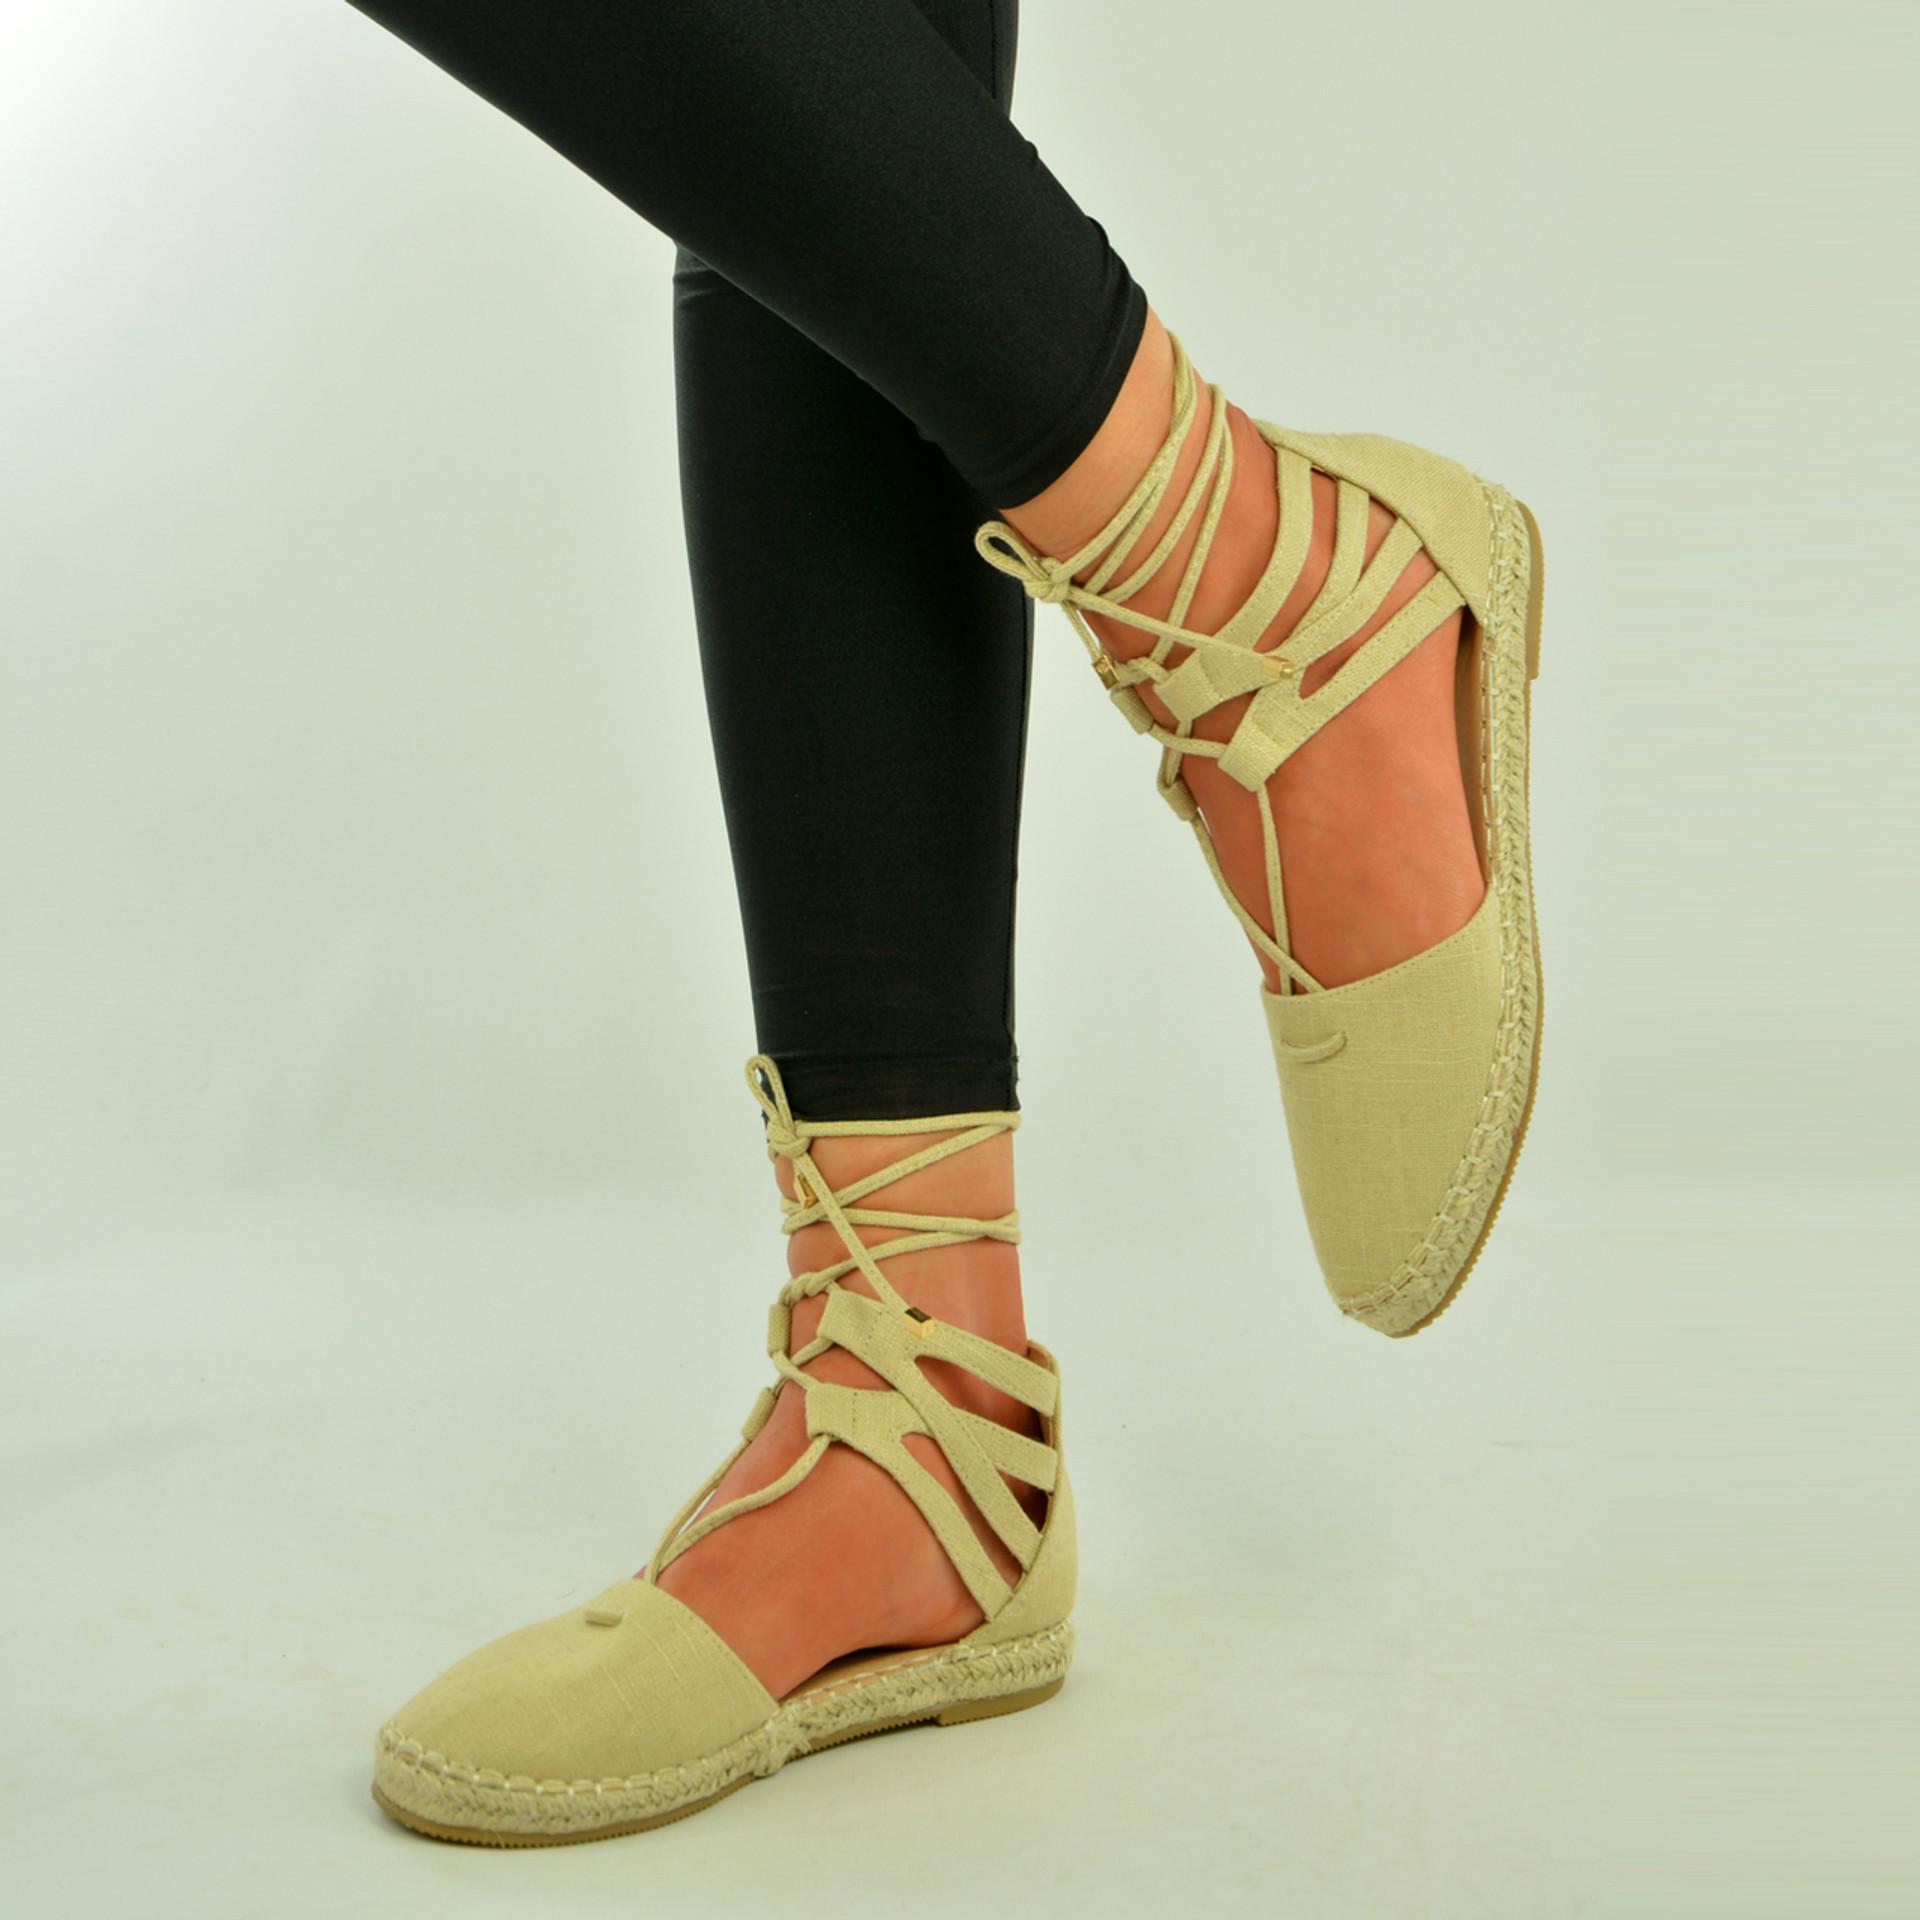 Beige Lace Up Flat Espadrille Sandals Shoes